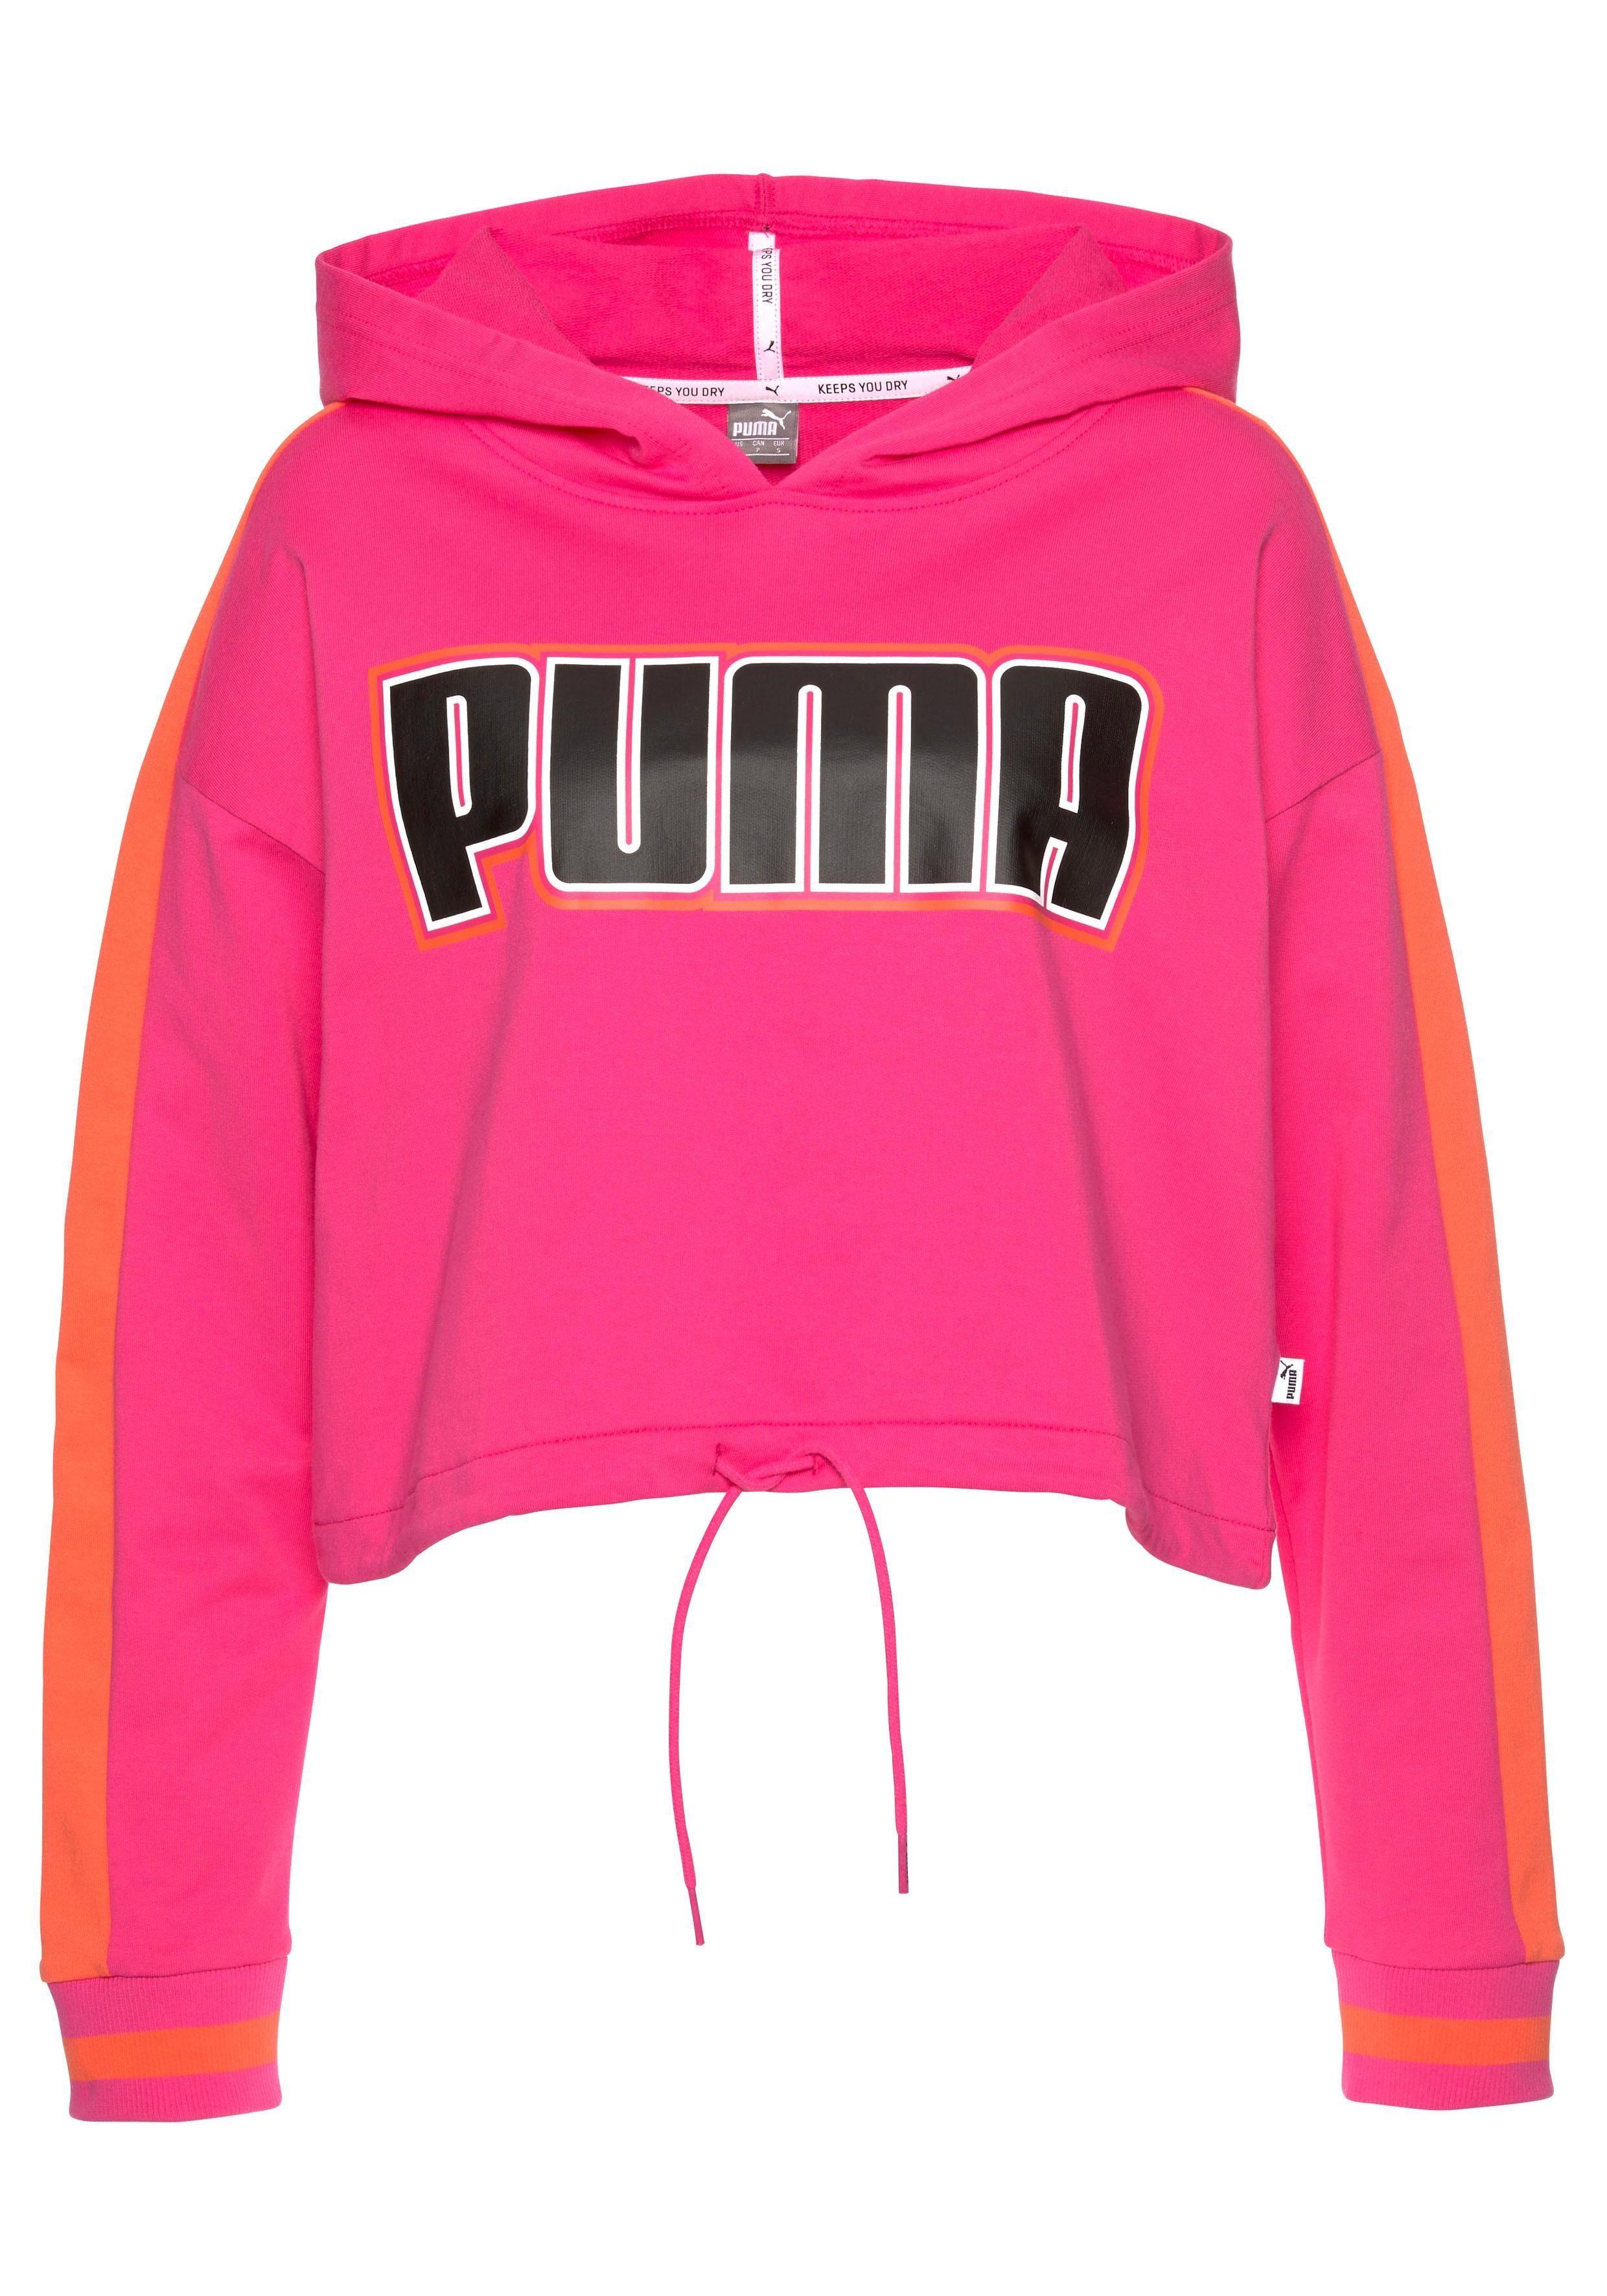 Kaufen Puma Kapuzensweatshirt Puma Online Kaufen Kaufen Kapuzensweatshirt Online Online Kapuzensweatshirt Puma H9DIE2